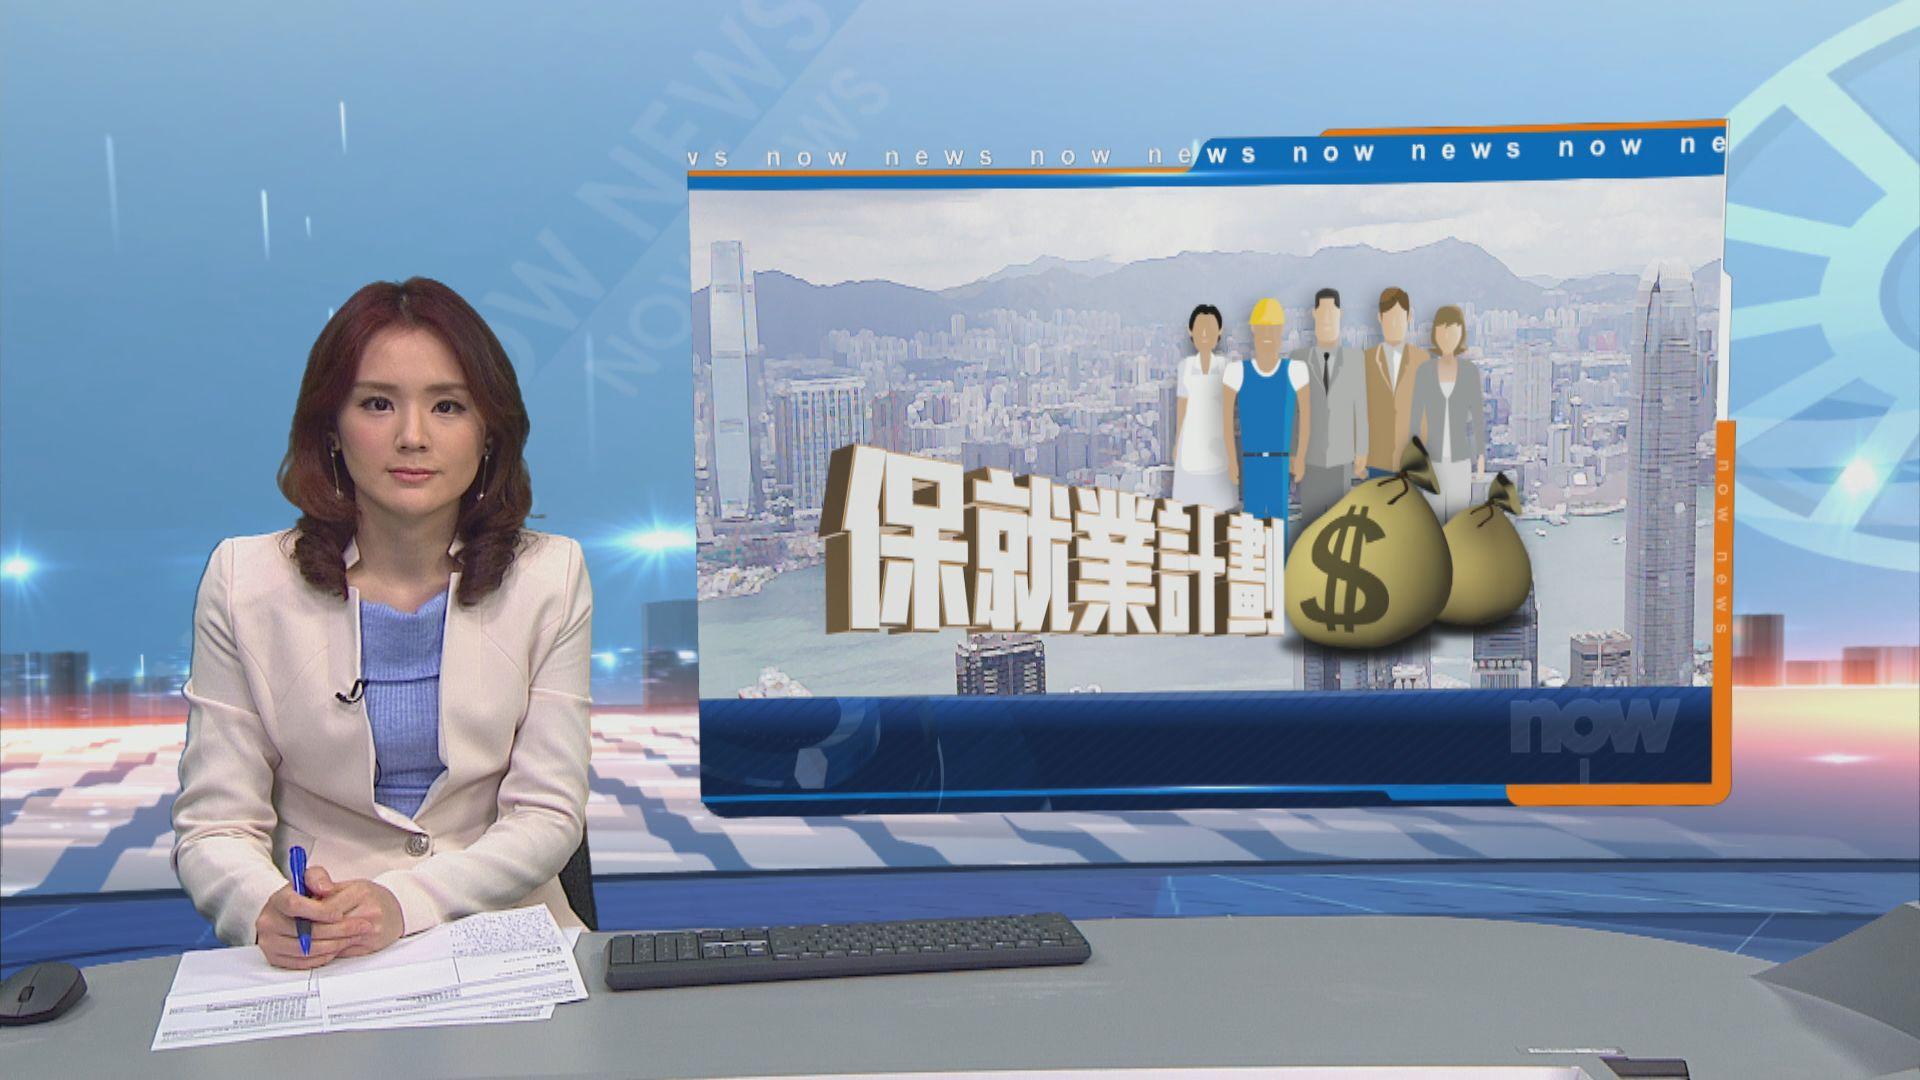 政府修訂保就業計劃 12月可作僱主申領補貼參考月份